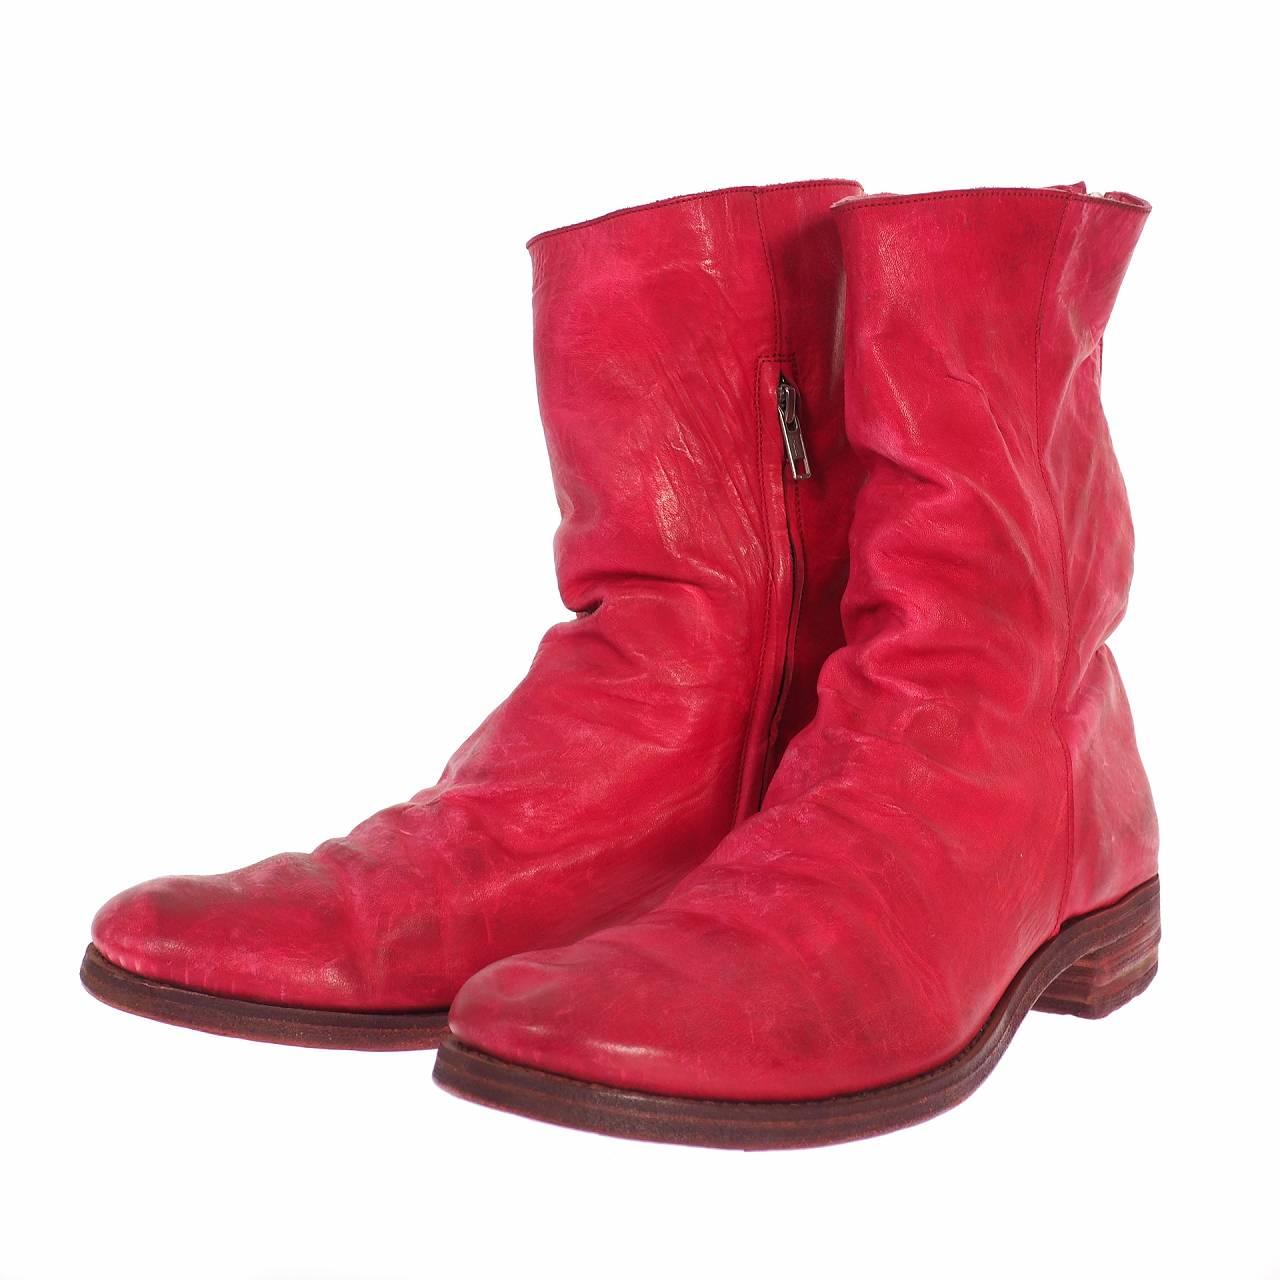 ブーツ, その他 A DICIANNOVEVENTITRE A1923 42 200701 VECTORRefine